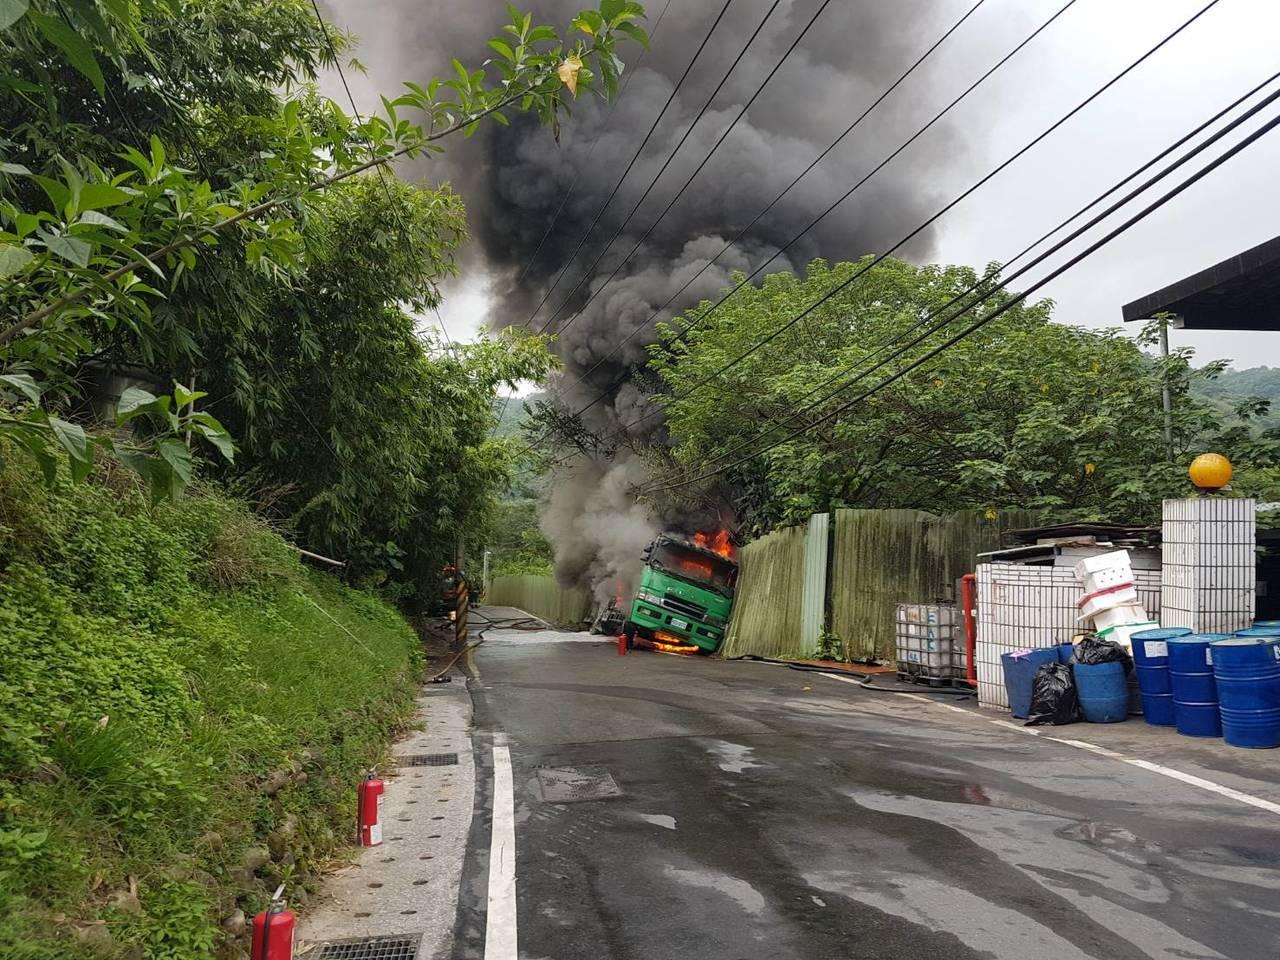 1輛載運有毒二甲苯溶劑的化學槽車,今天上午在新北市觀音山區衝撞松香水工廠圍牆,起...